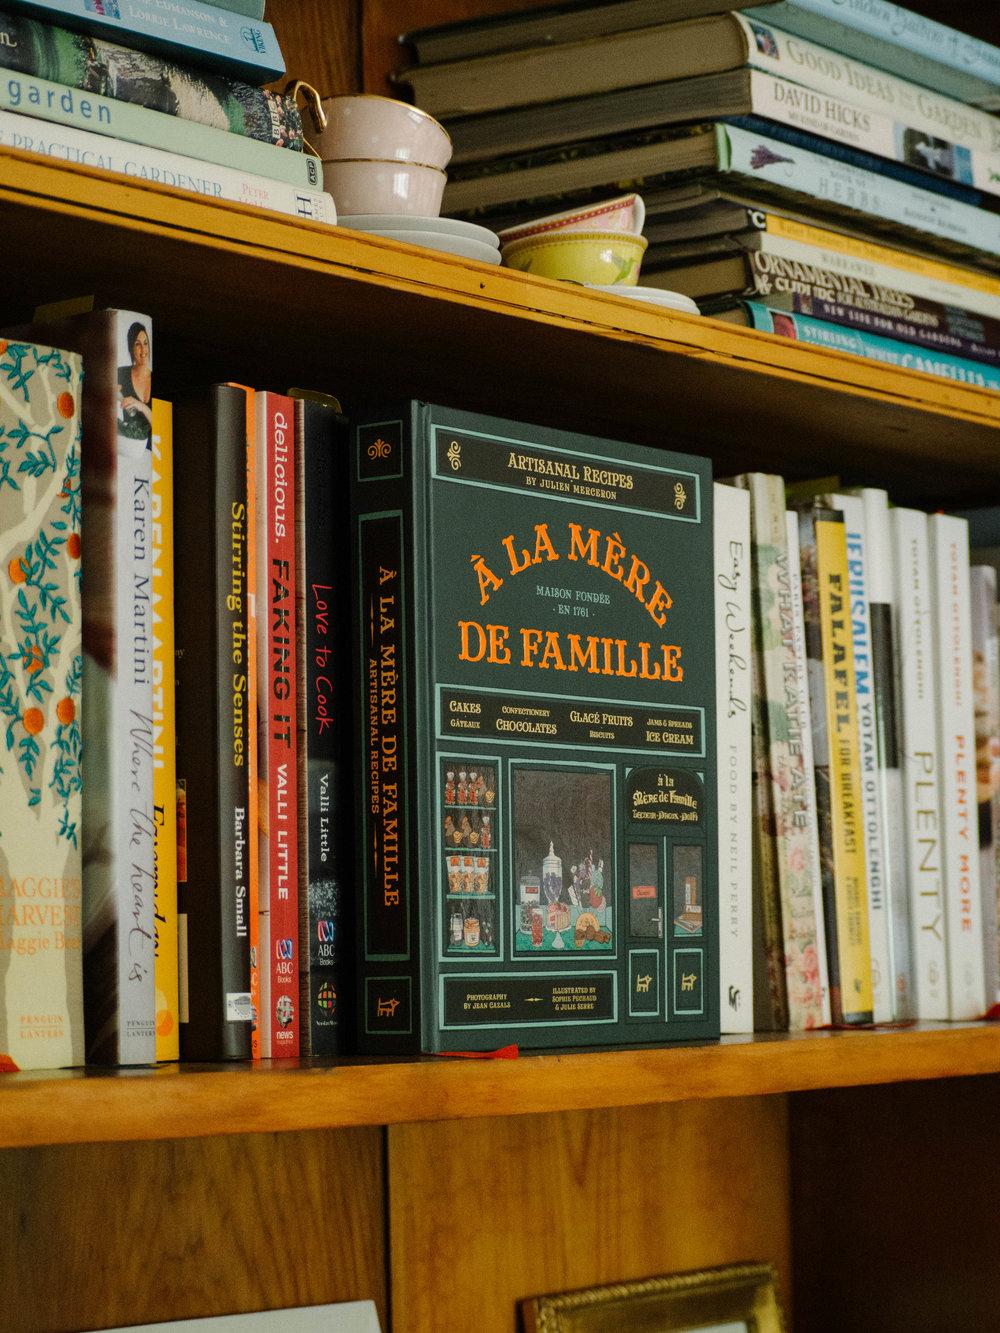 À La Mère de Famille by Julien Merceron